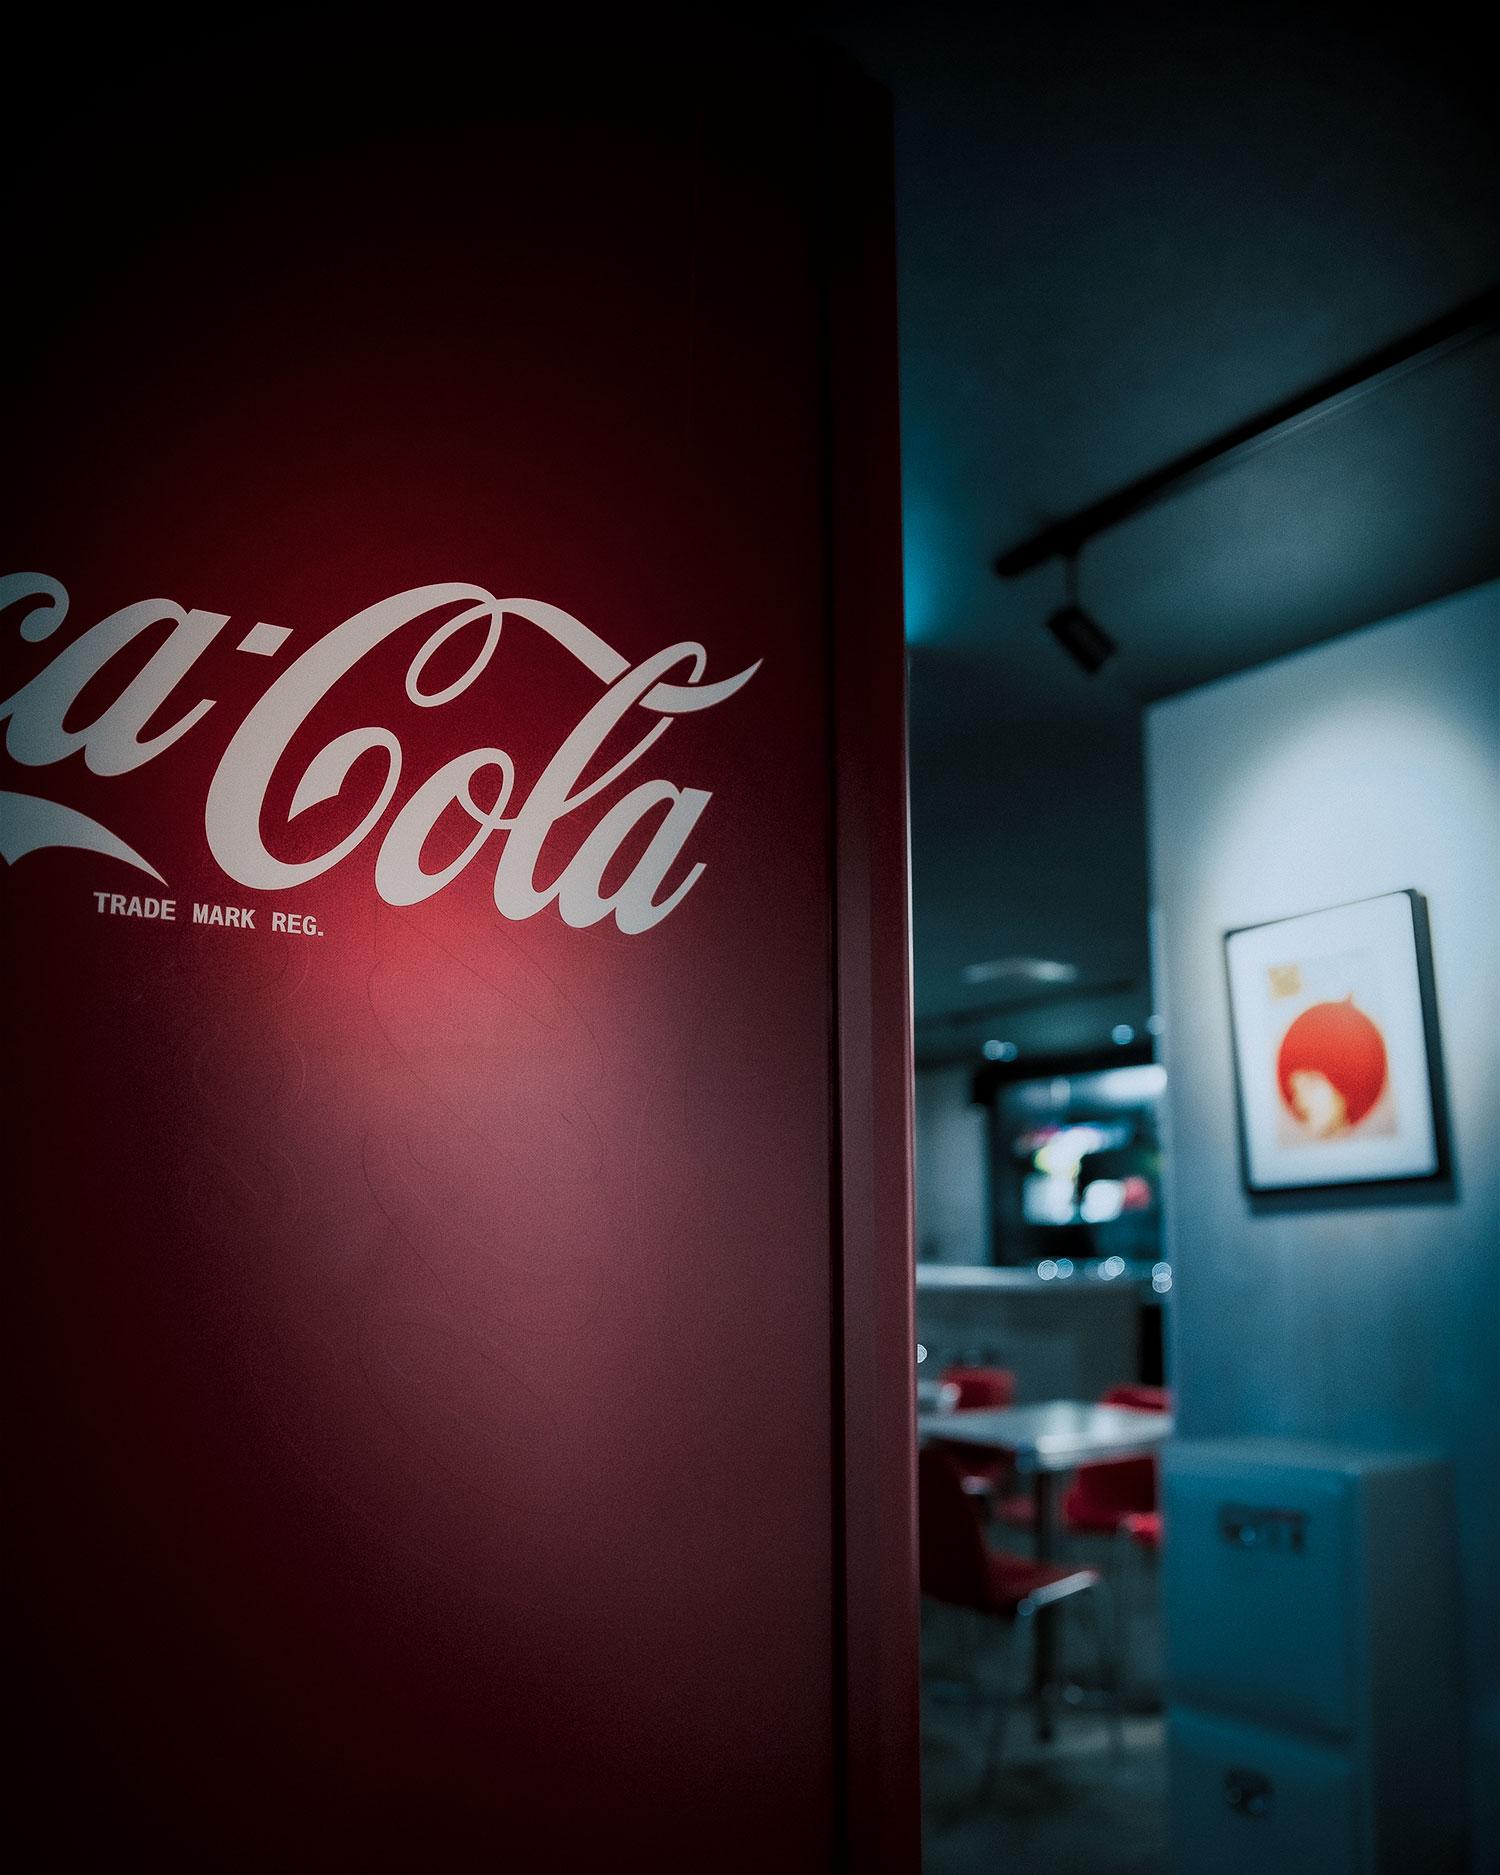 クラッシックデザインのコカコーラ自販機